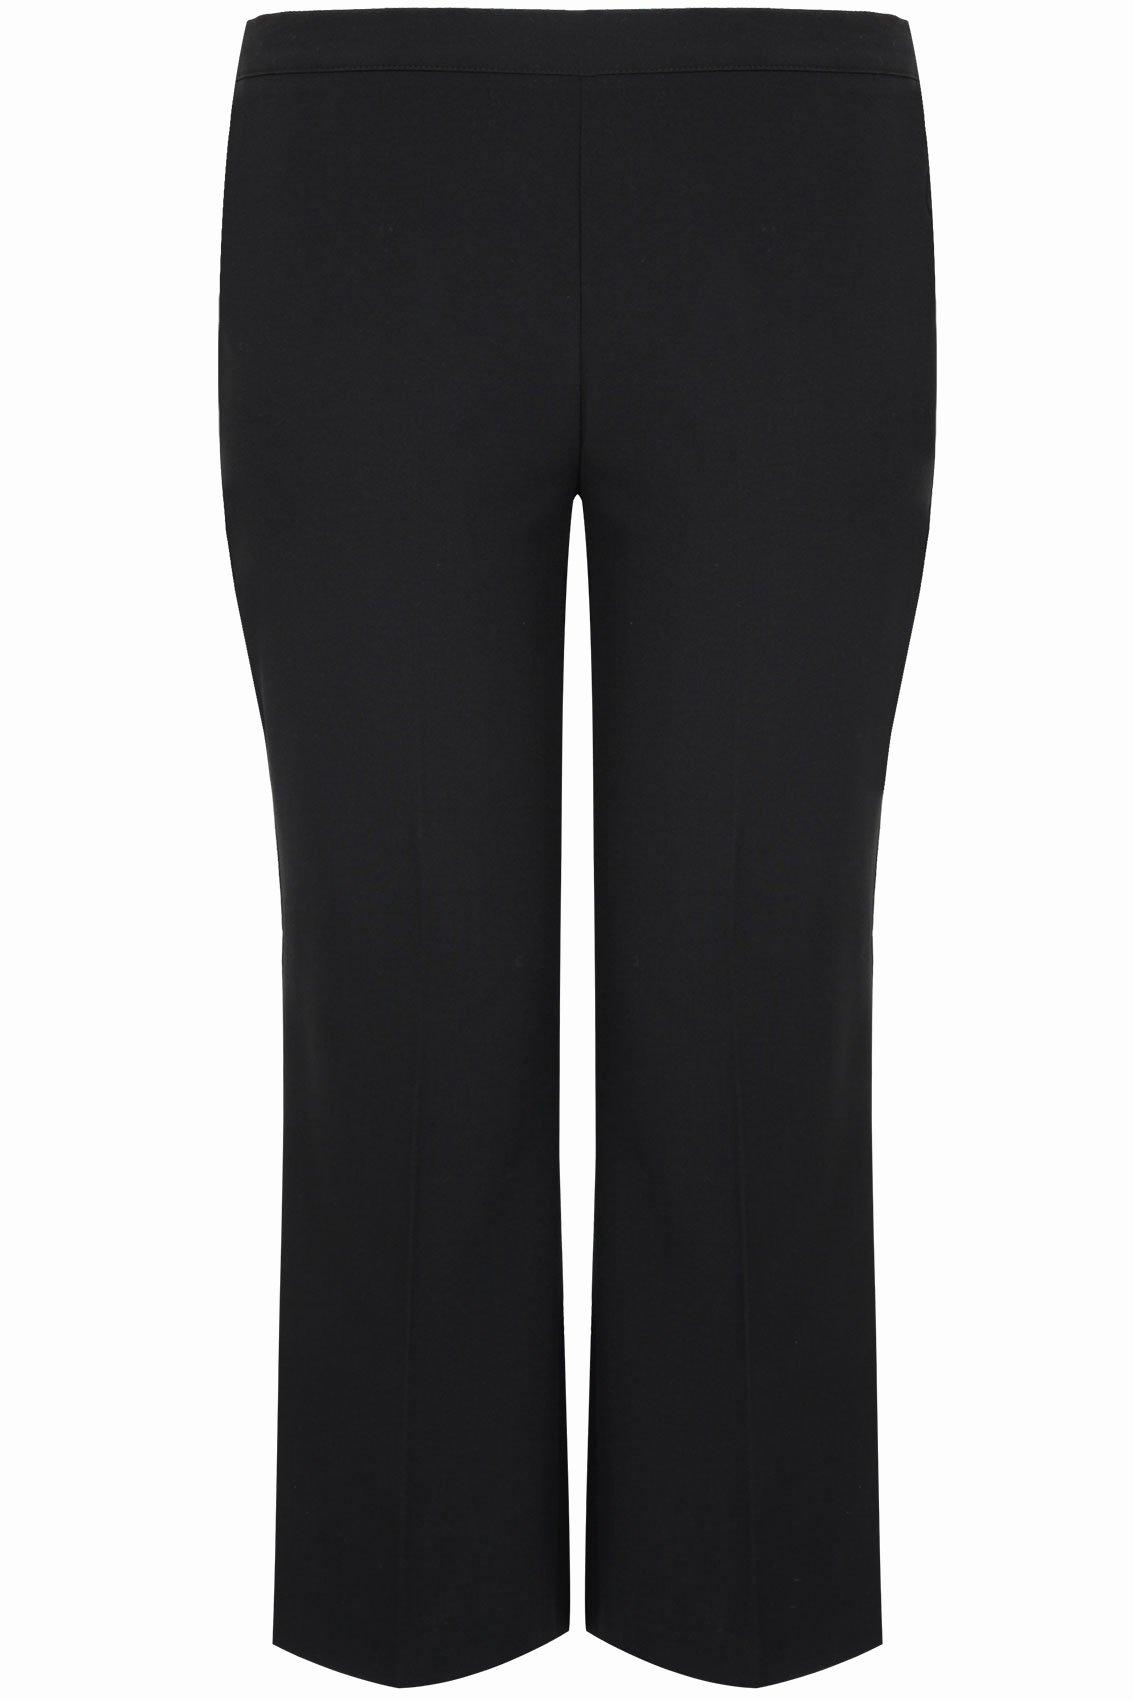 Social Security Awards Letter 2015 Luxury Pantalon Classique Coupe Droite Noir Grande Taille 44 à 64